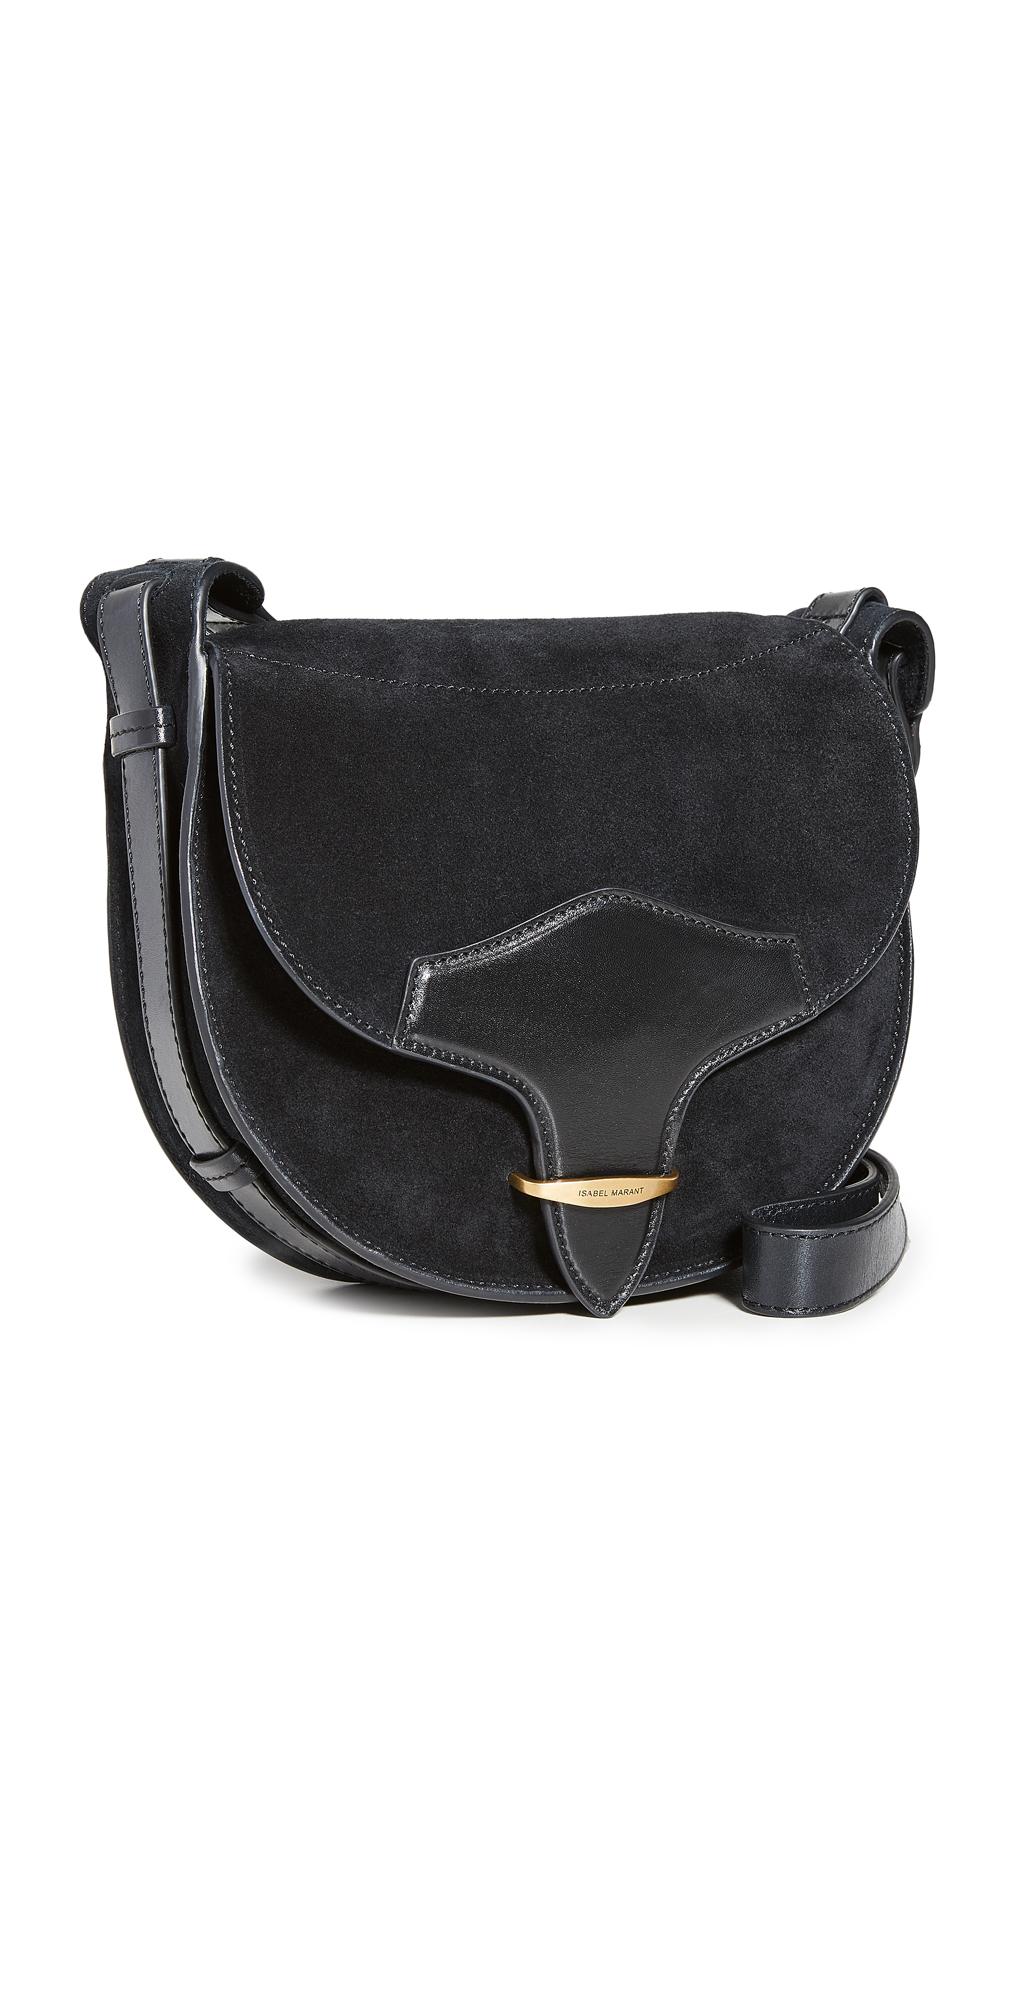 Isabel Marant Botsy Saddle Bag